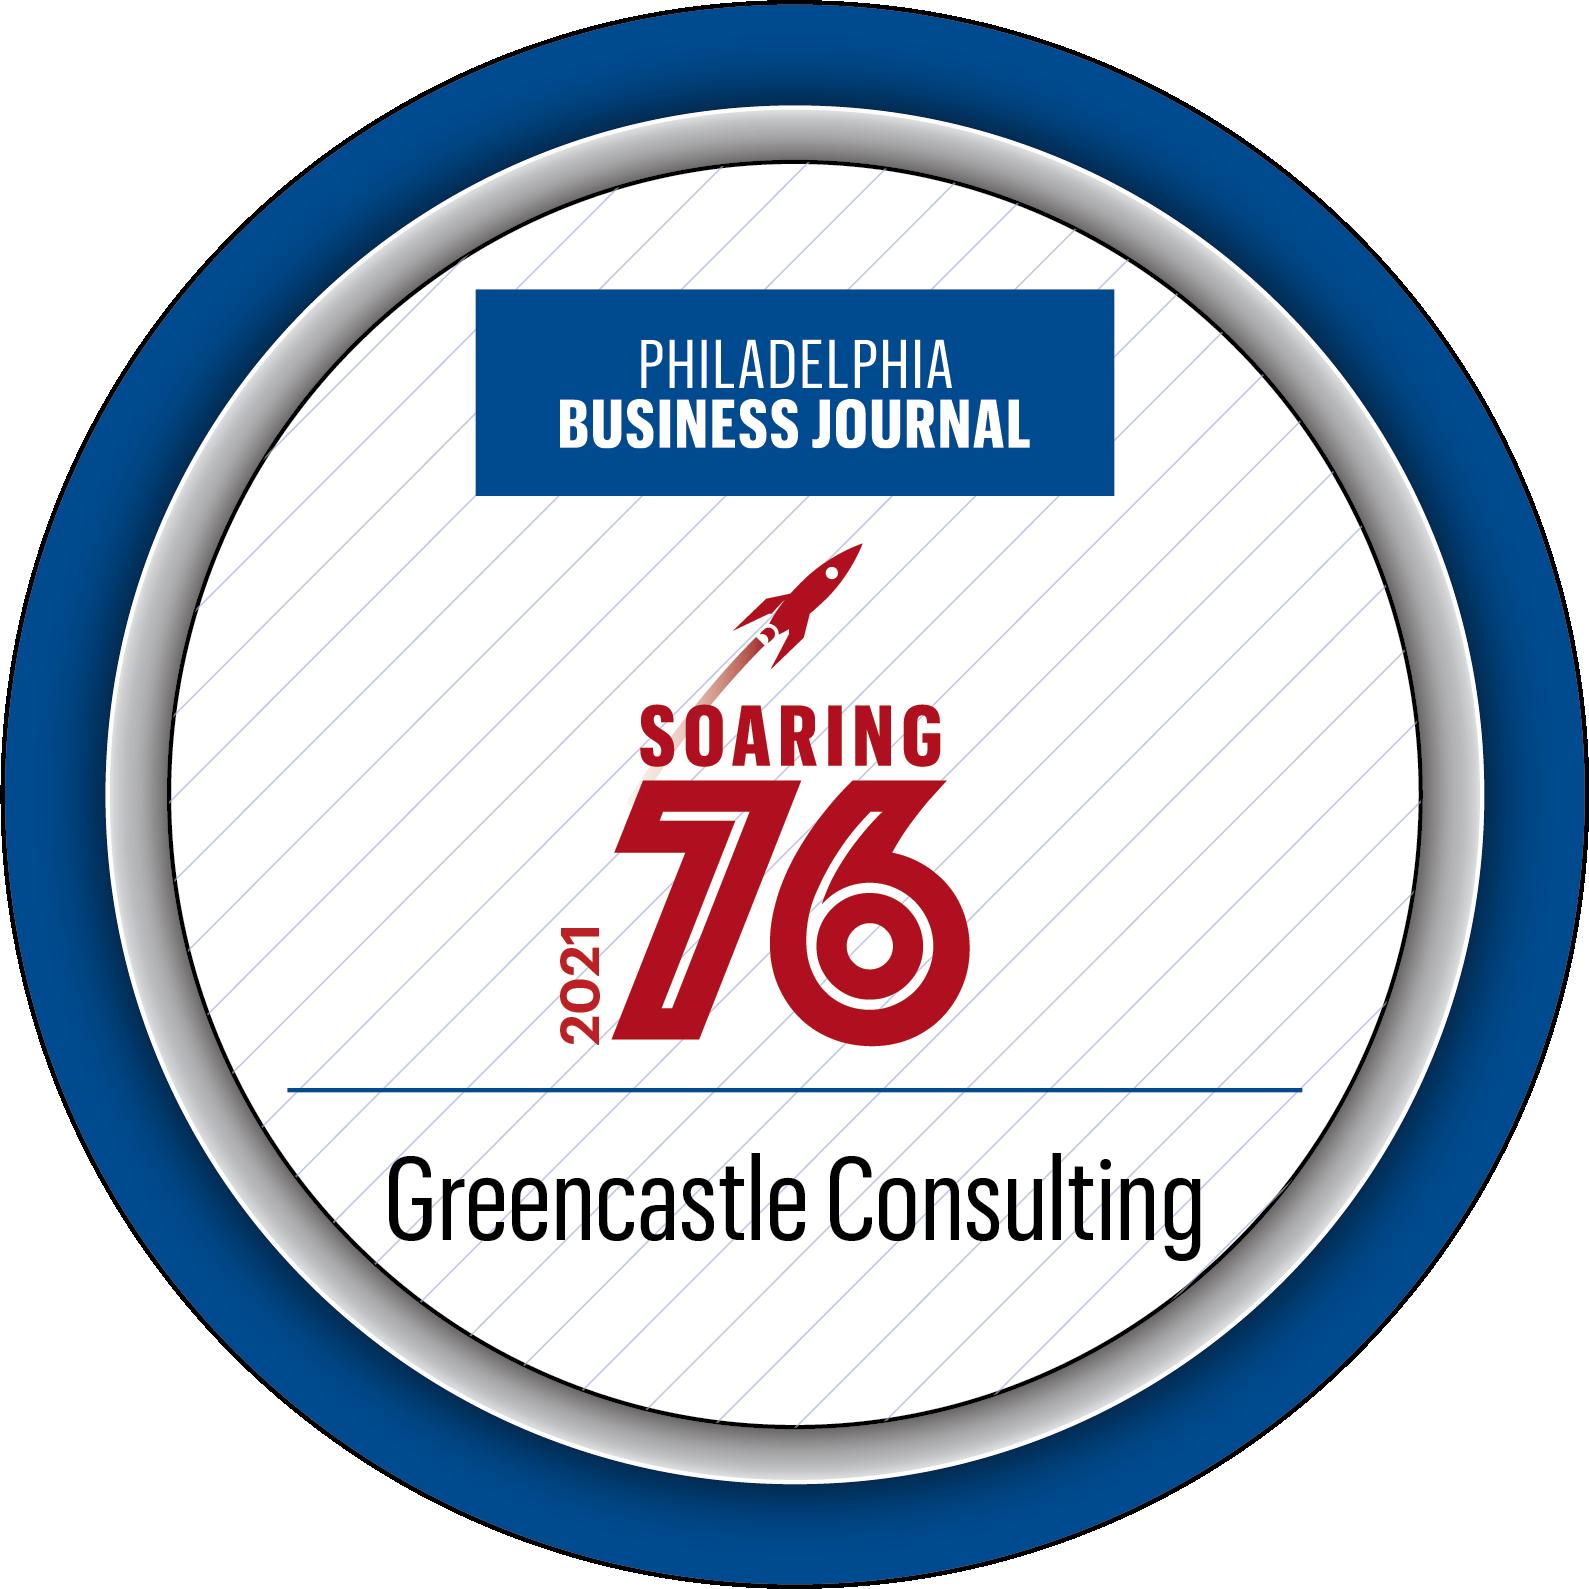 Philadelphia Business Journal 2021 Largest Consultants in the Philadelphia Region award.